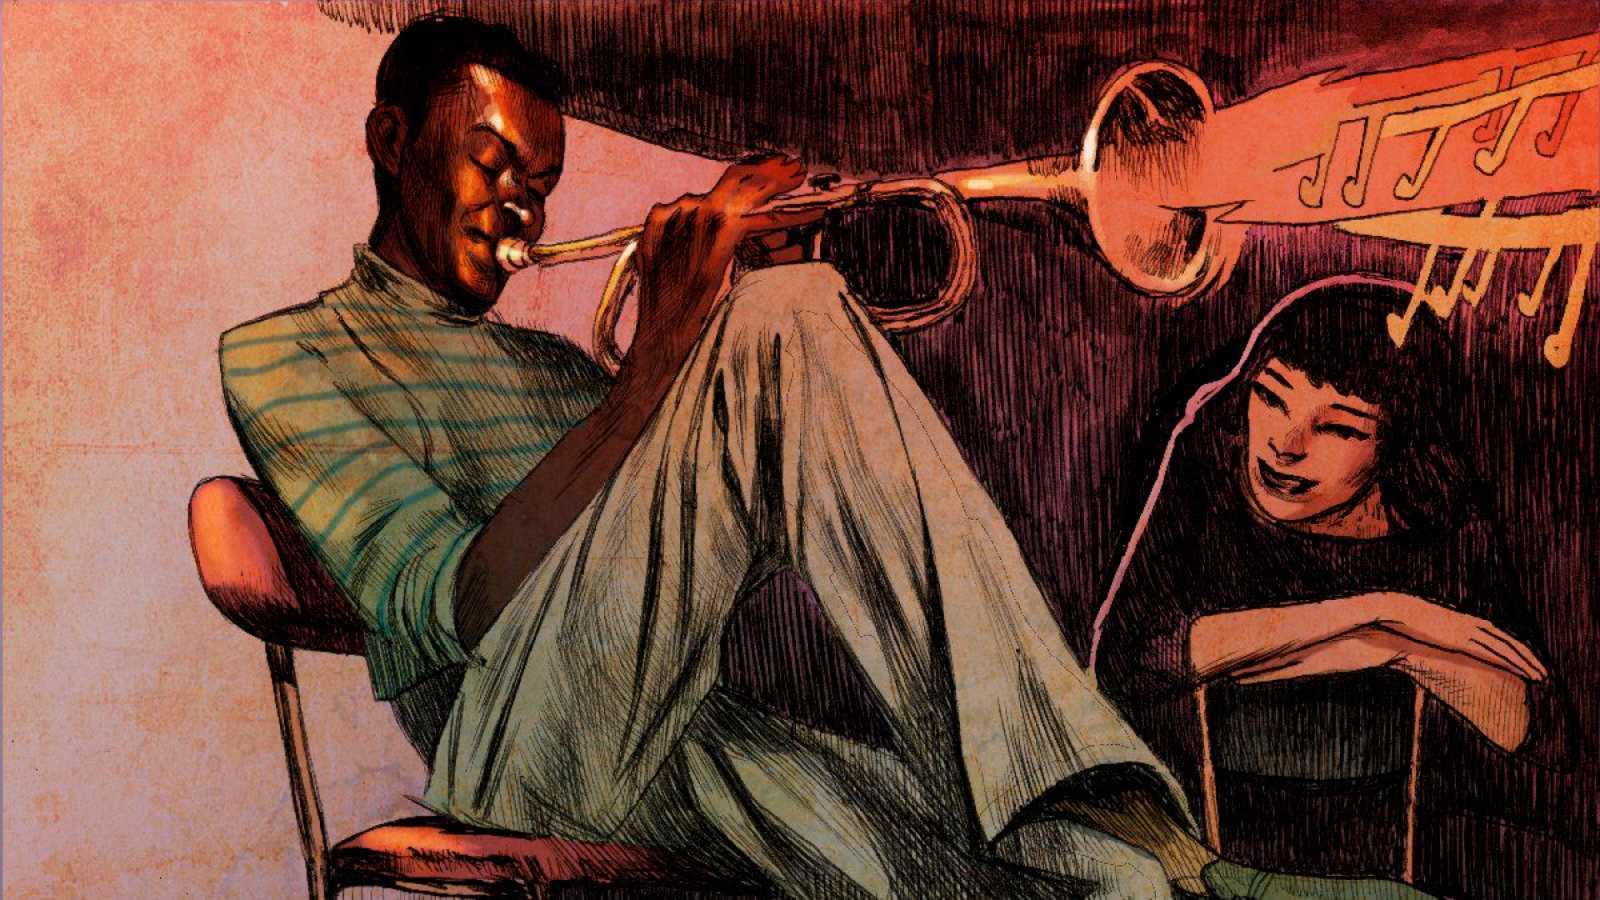 Píntalo de negro. El soul y sus historias - Miles Davis, Boris Vian y Juliette Greco - 25/08/20 - Escuchar ahora